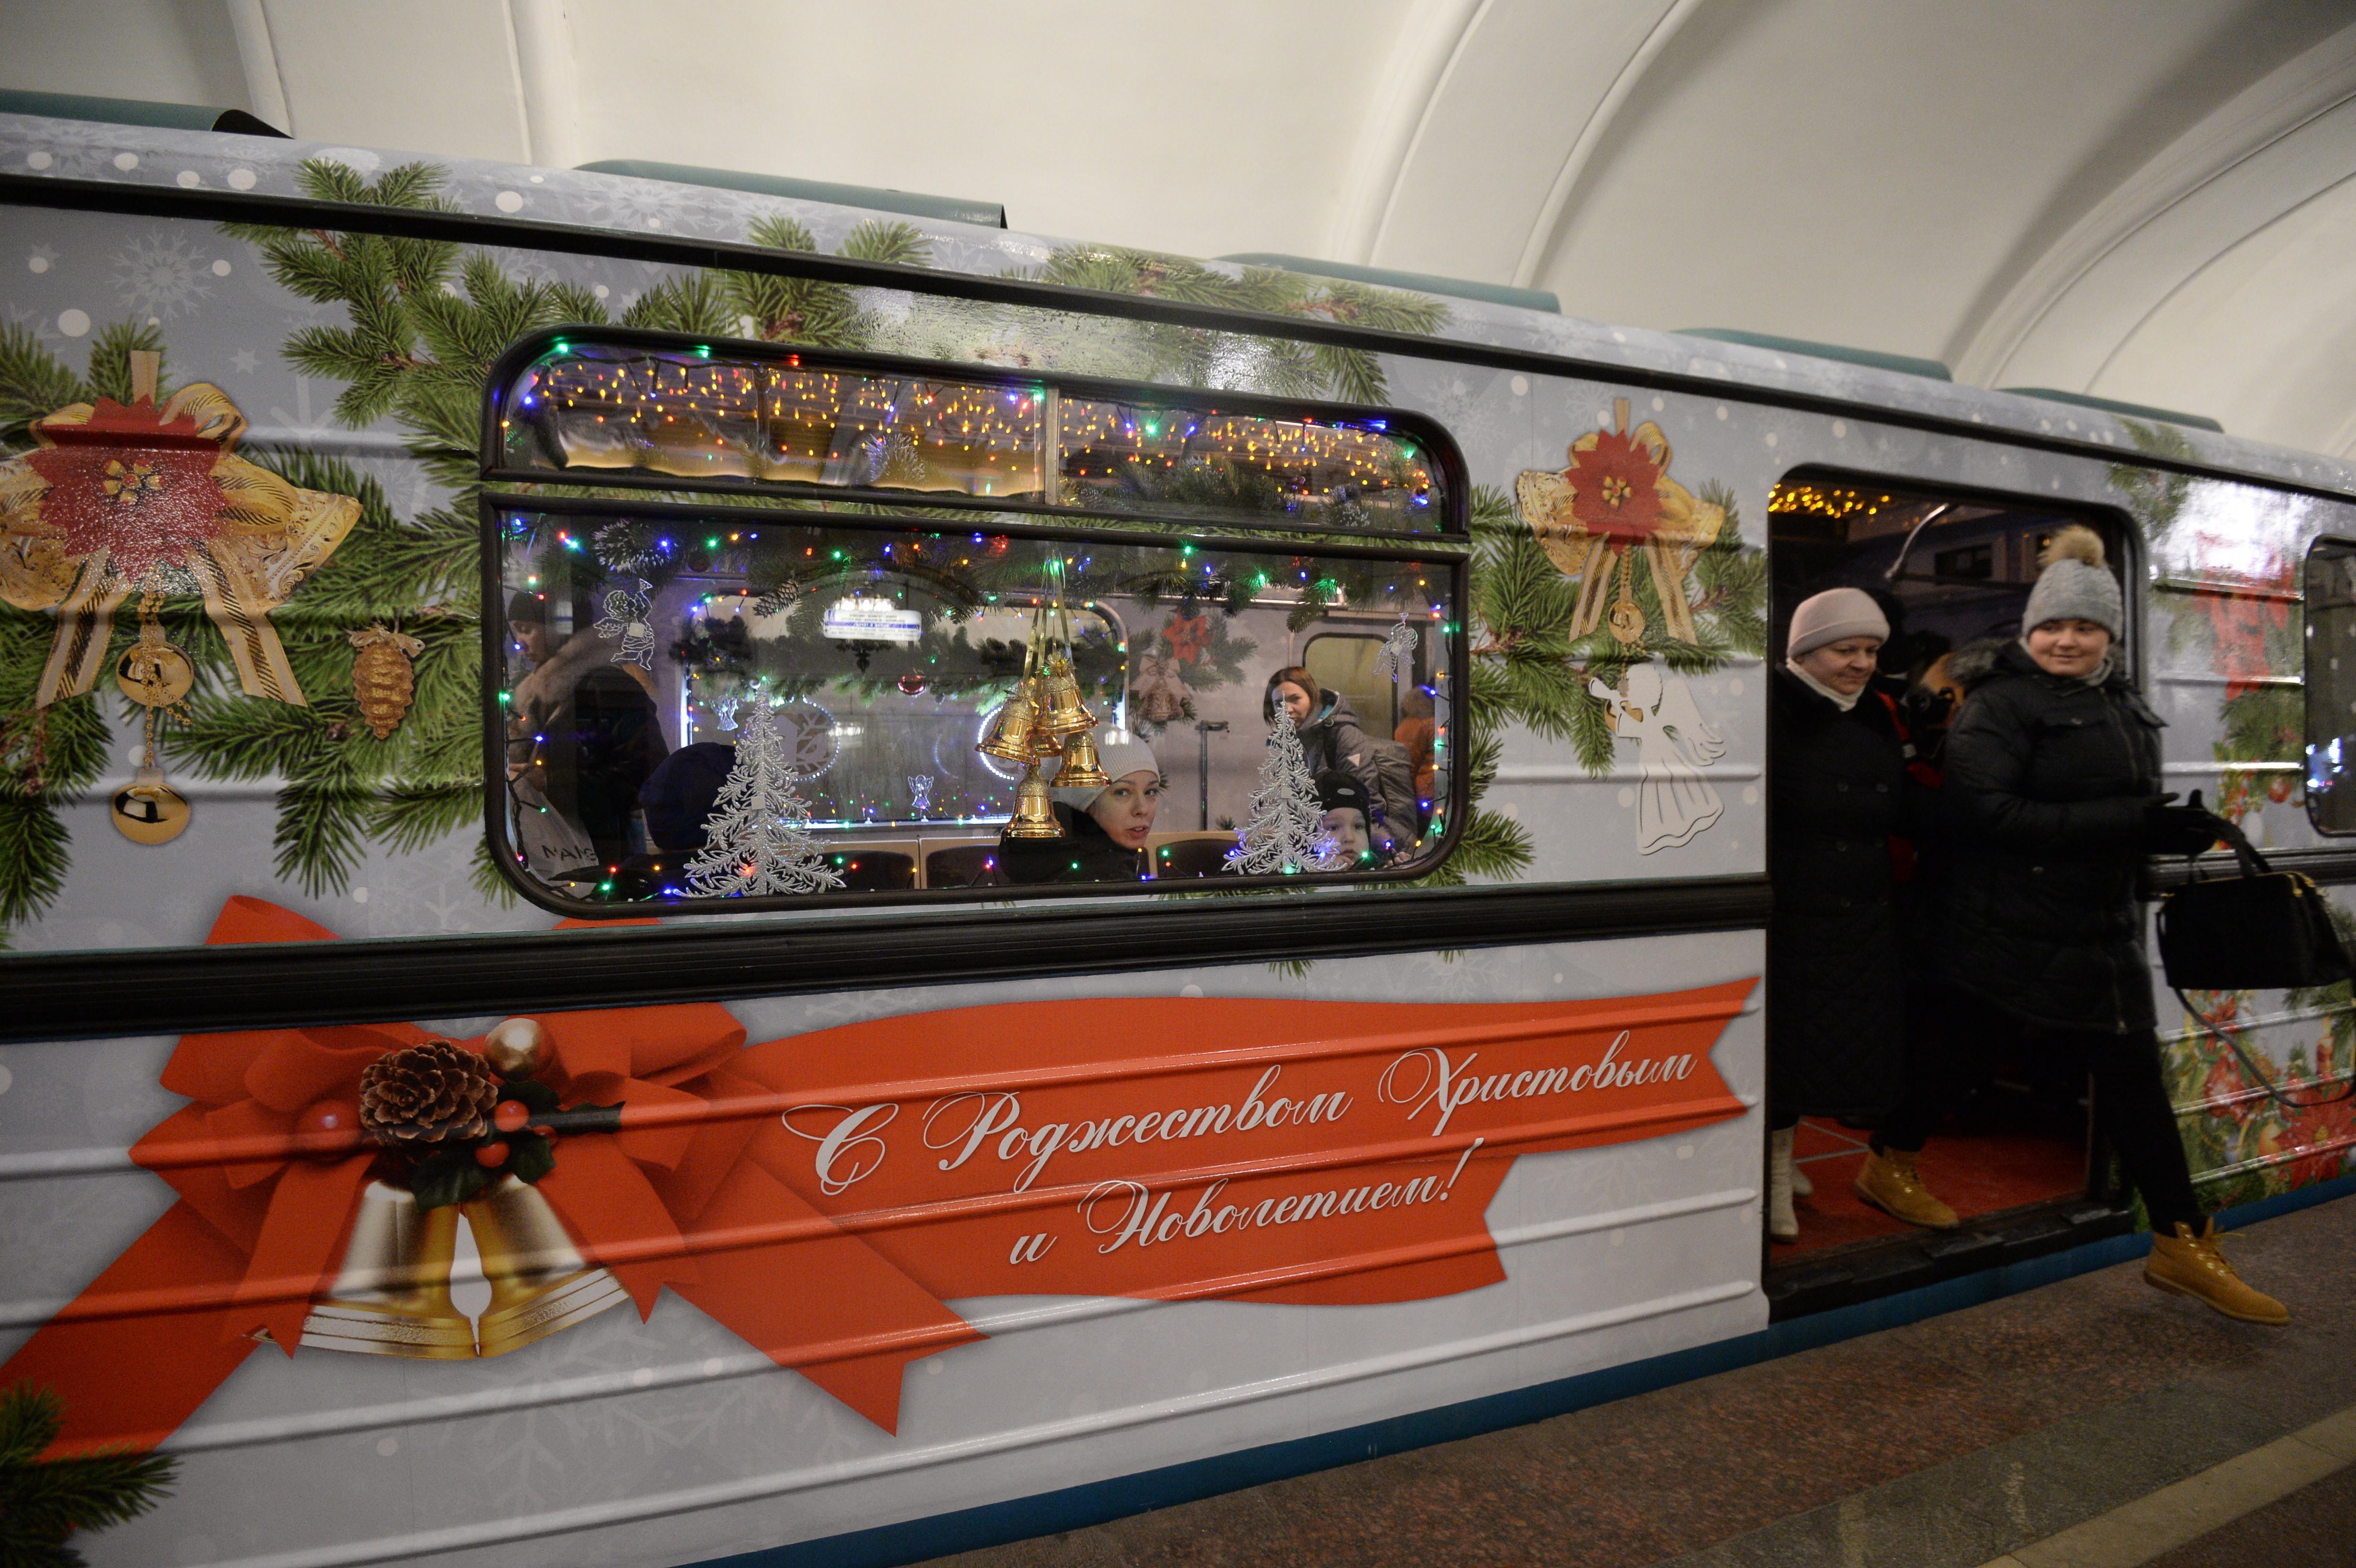 ней новогодний вагон в метро фото они